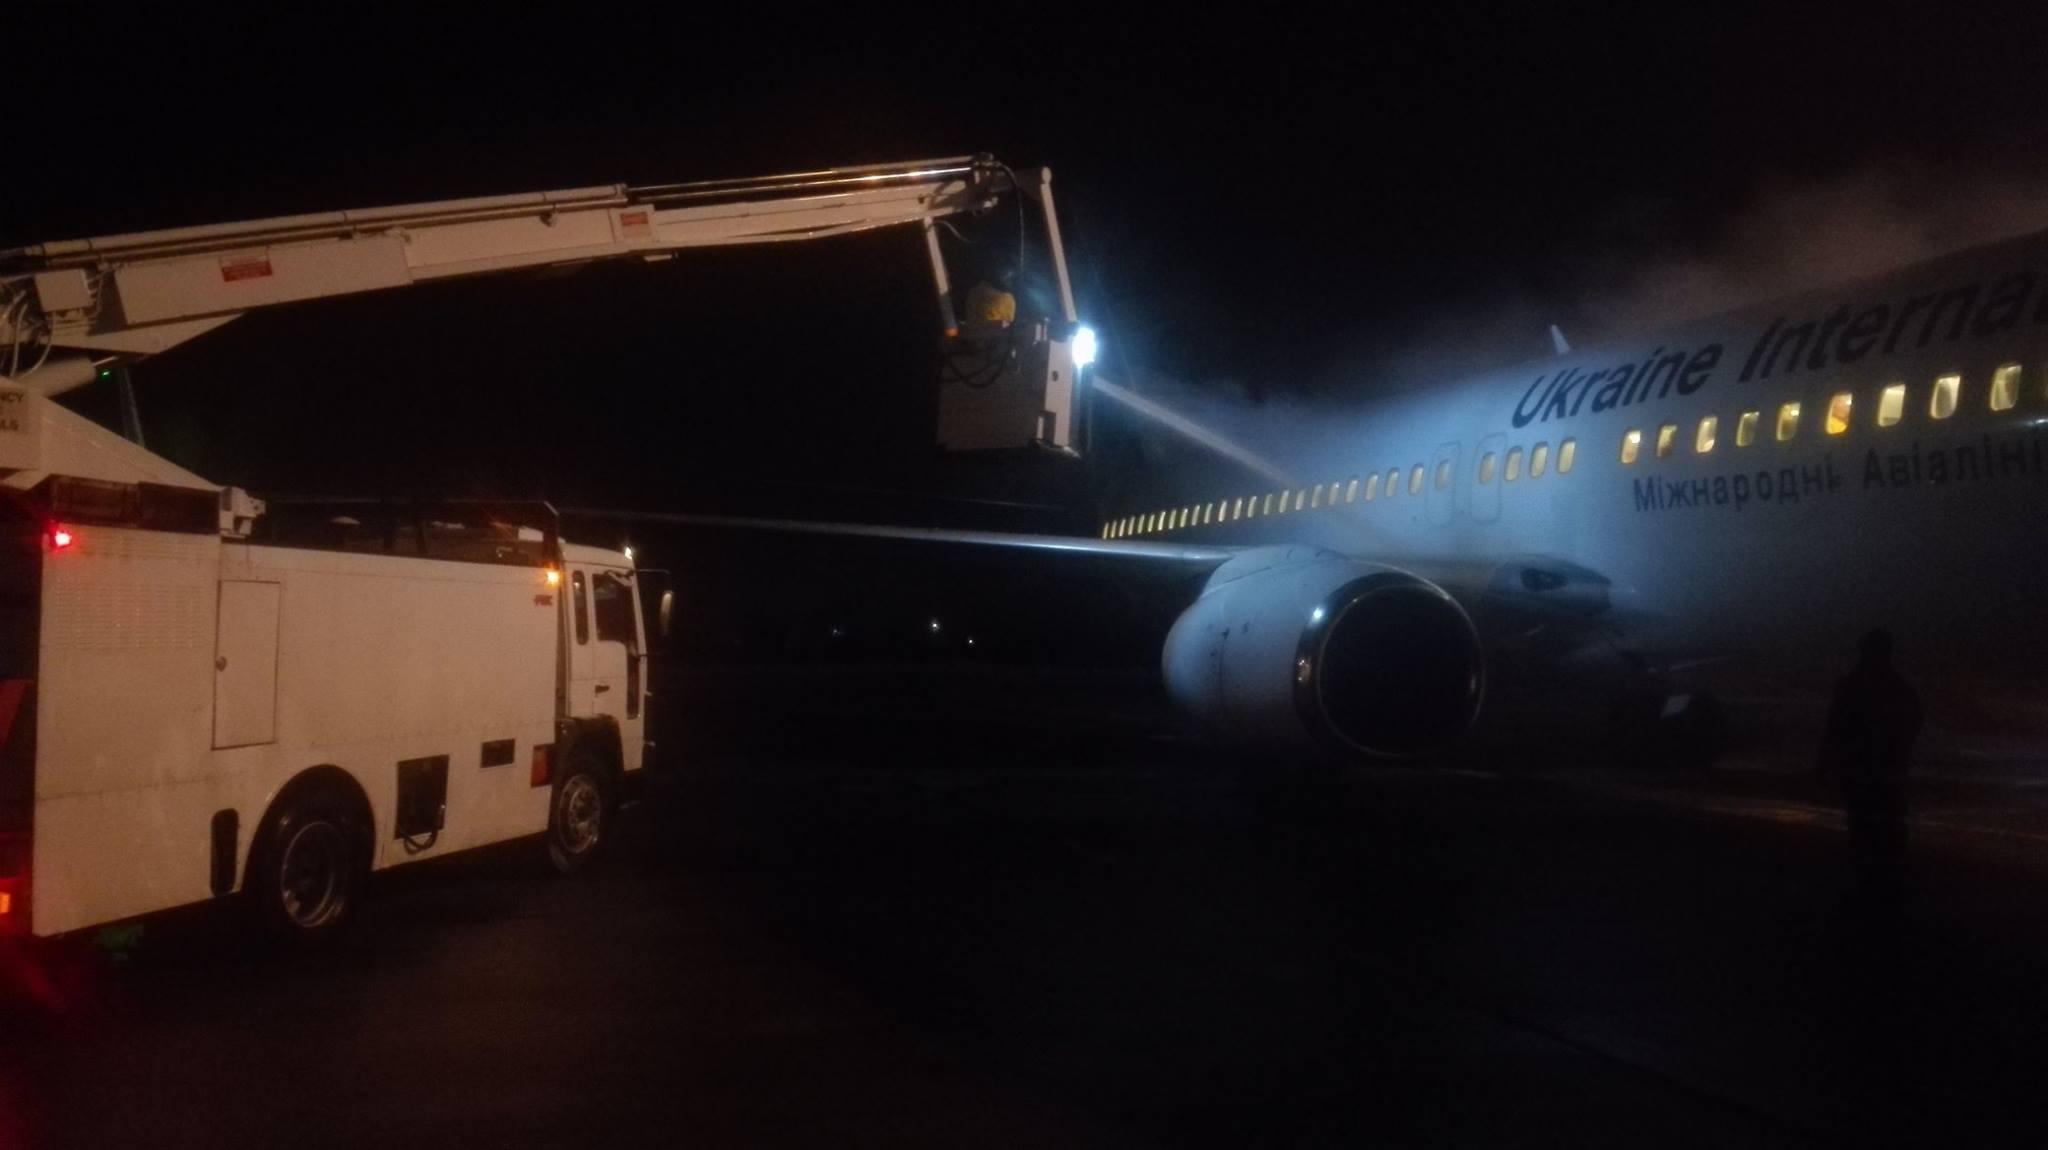 Летіти за будь-якої погоди: вінницький аеропорт отримав «антикриговий» спецтранспорт